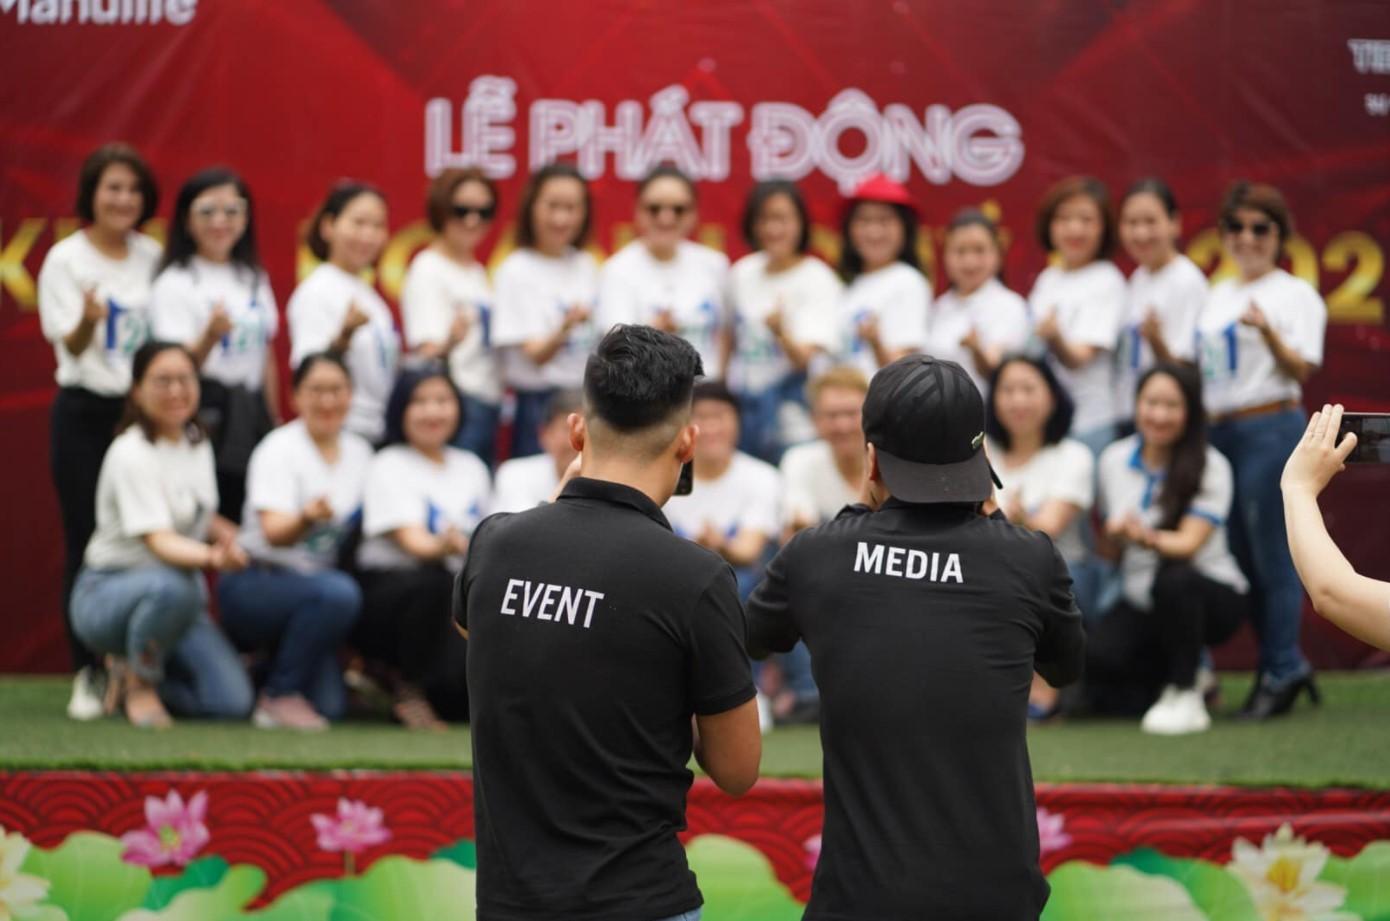 Cho thuê MC team building tại Đà Nẵng - Luxtour 1